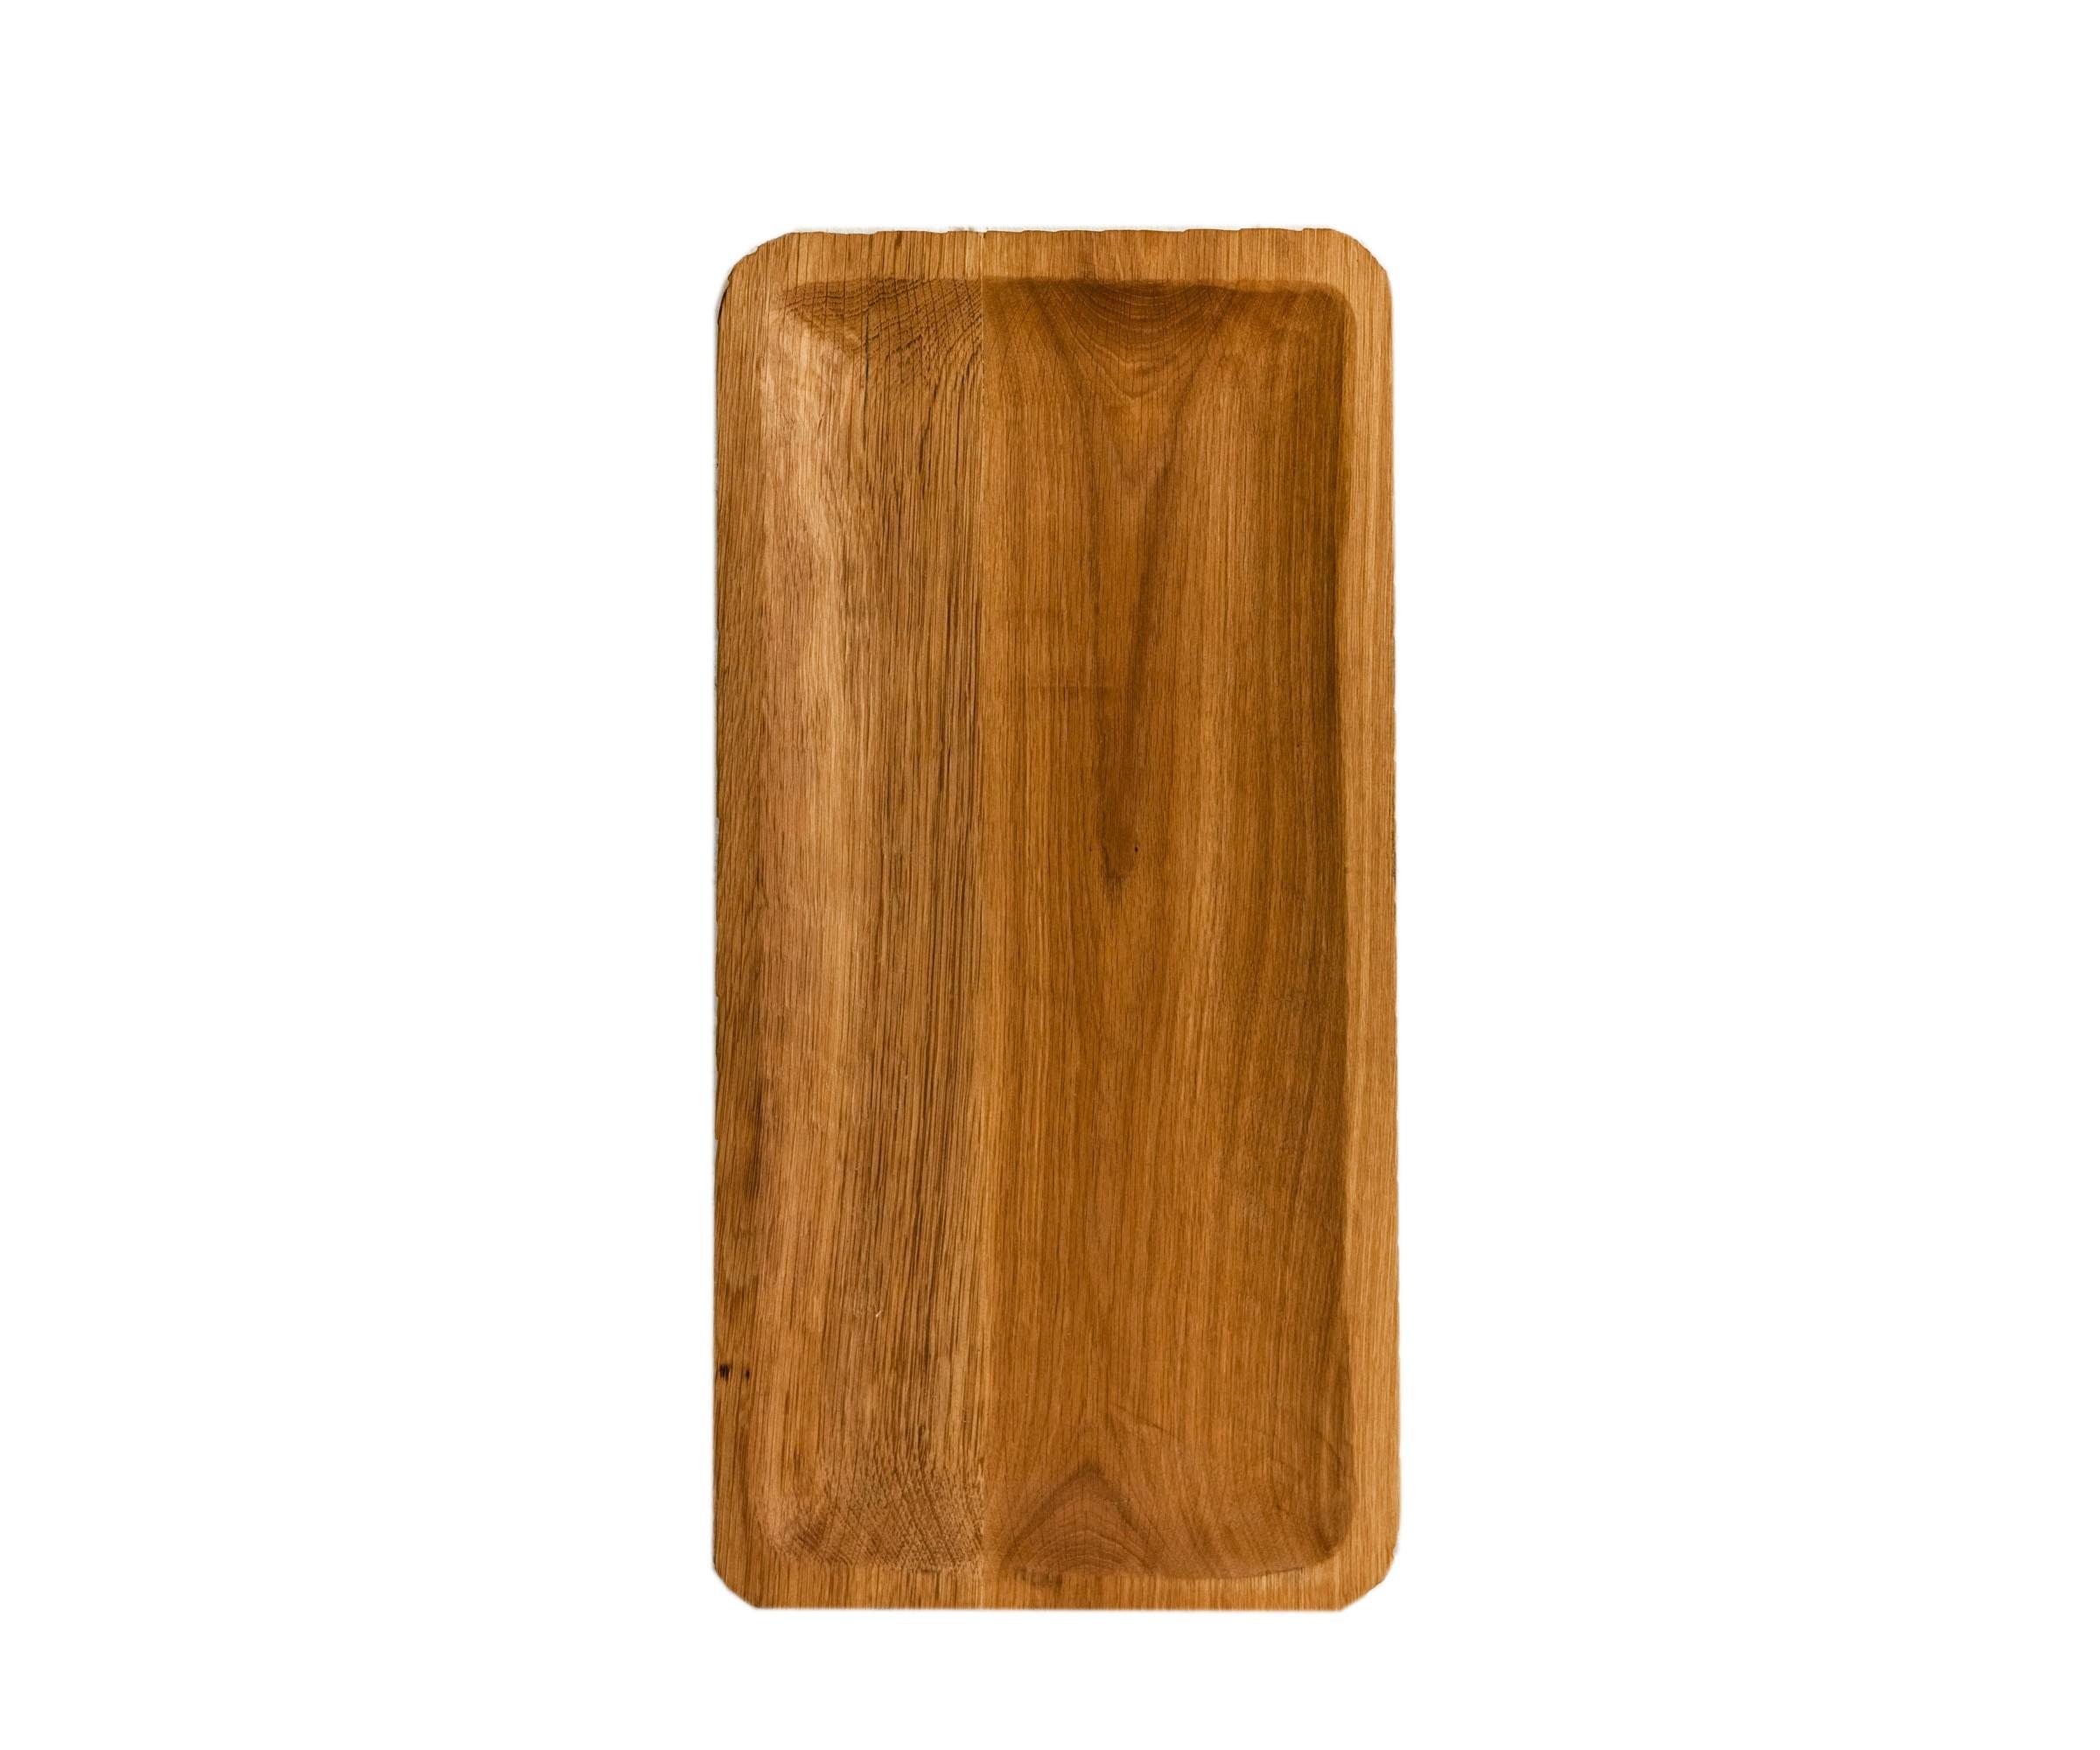 ПодносДекоративные подносы<br>Поднос служит большим сервировочным блюдом или крупным предметом-акцентом в декоре стола. Его можно использовать как полку или столешницу, а несколько подносов, поставленных друг на друга, составляют журнальный столик или тумбу. Сделан вручную. Покрытие: льняное масло. При необходимости можно обновлять покрытие, протерев поверхность тряпочкой, смоченной льняным маслом. После влажной обработки его нужно протирать полотенцем. Из-за специфики ручного труда все предметы отличаются друг от друга.<br><br>Material: Дуб<br>Ширина см: 60.0<br>Высота см: 1.0<br>Глубина см: 30.0